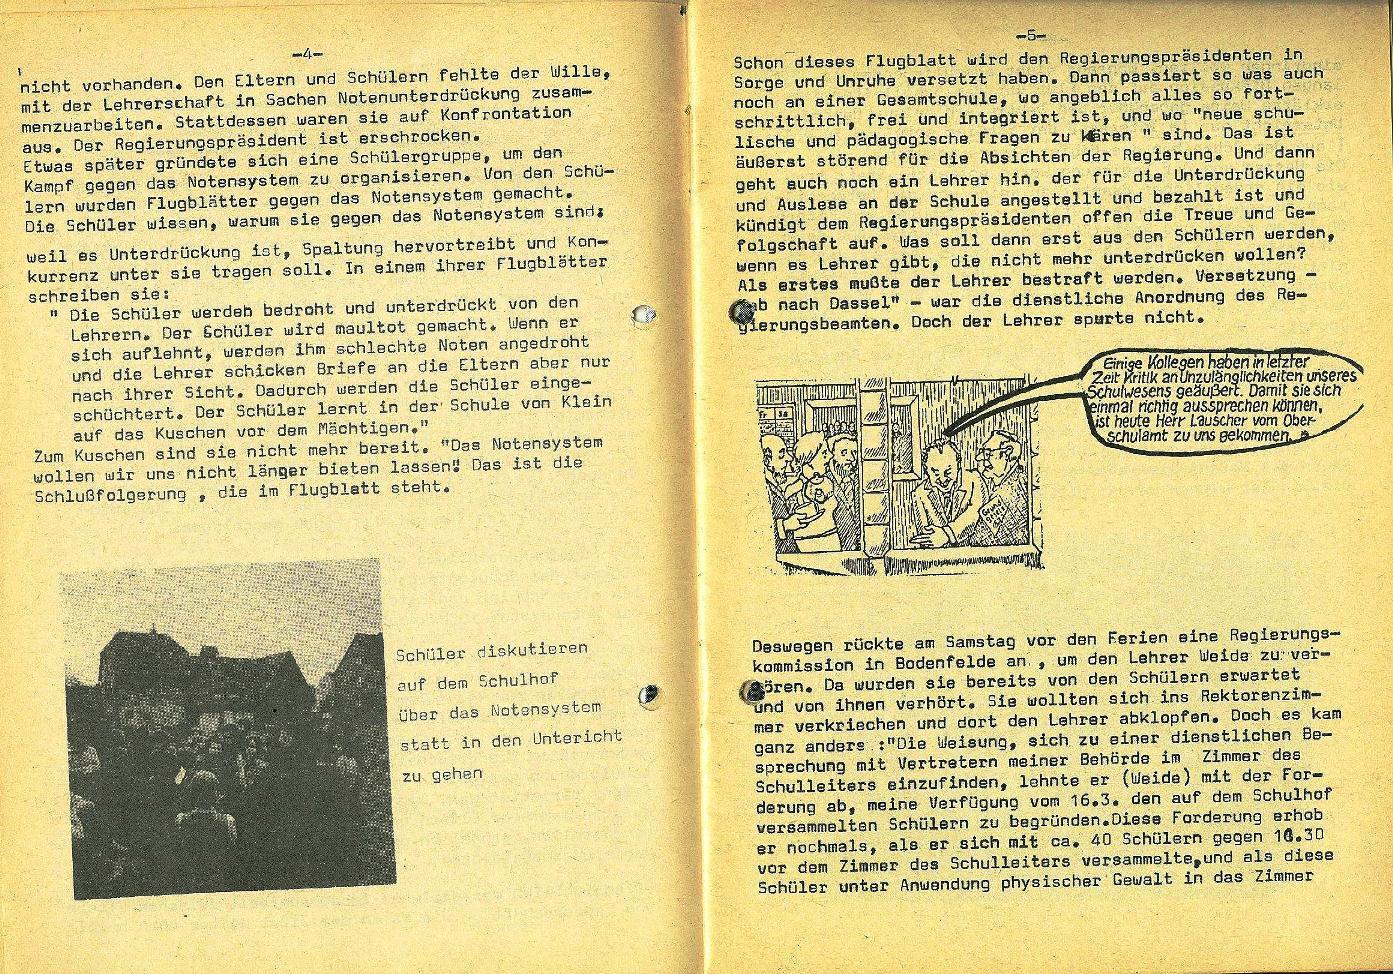 Bodenfelde003